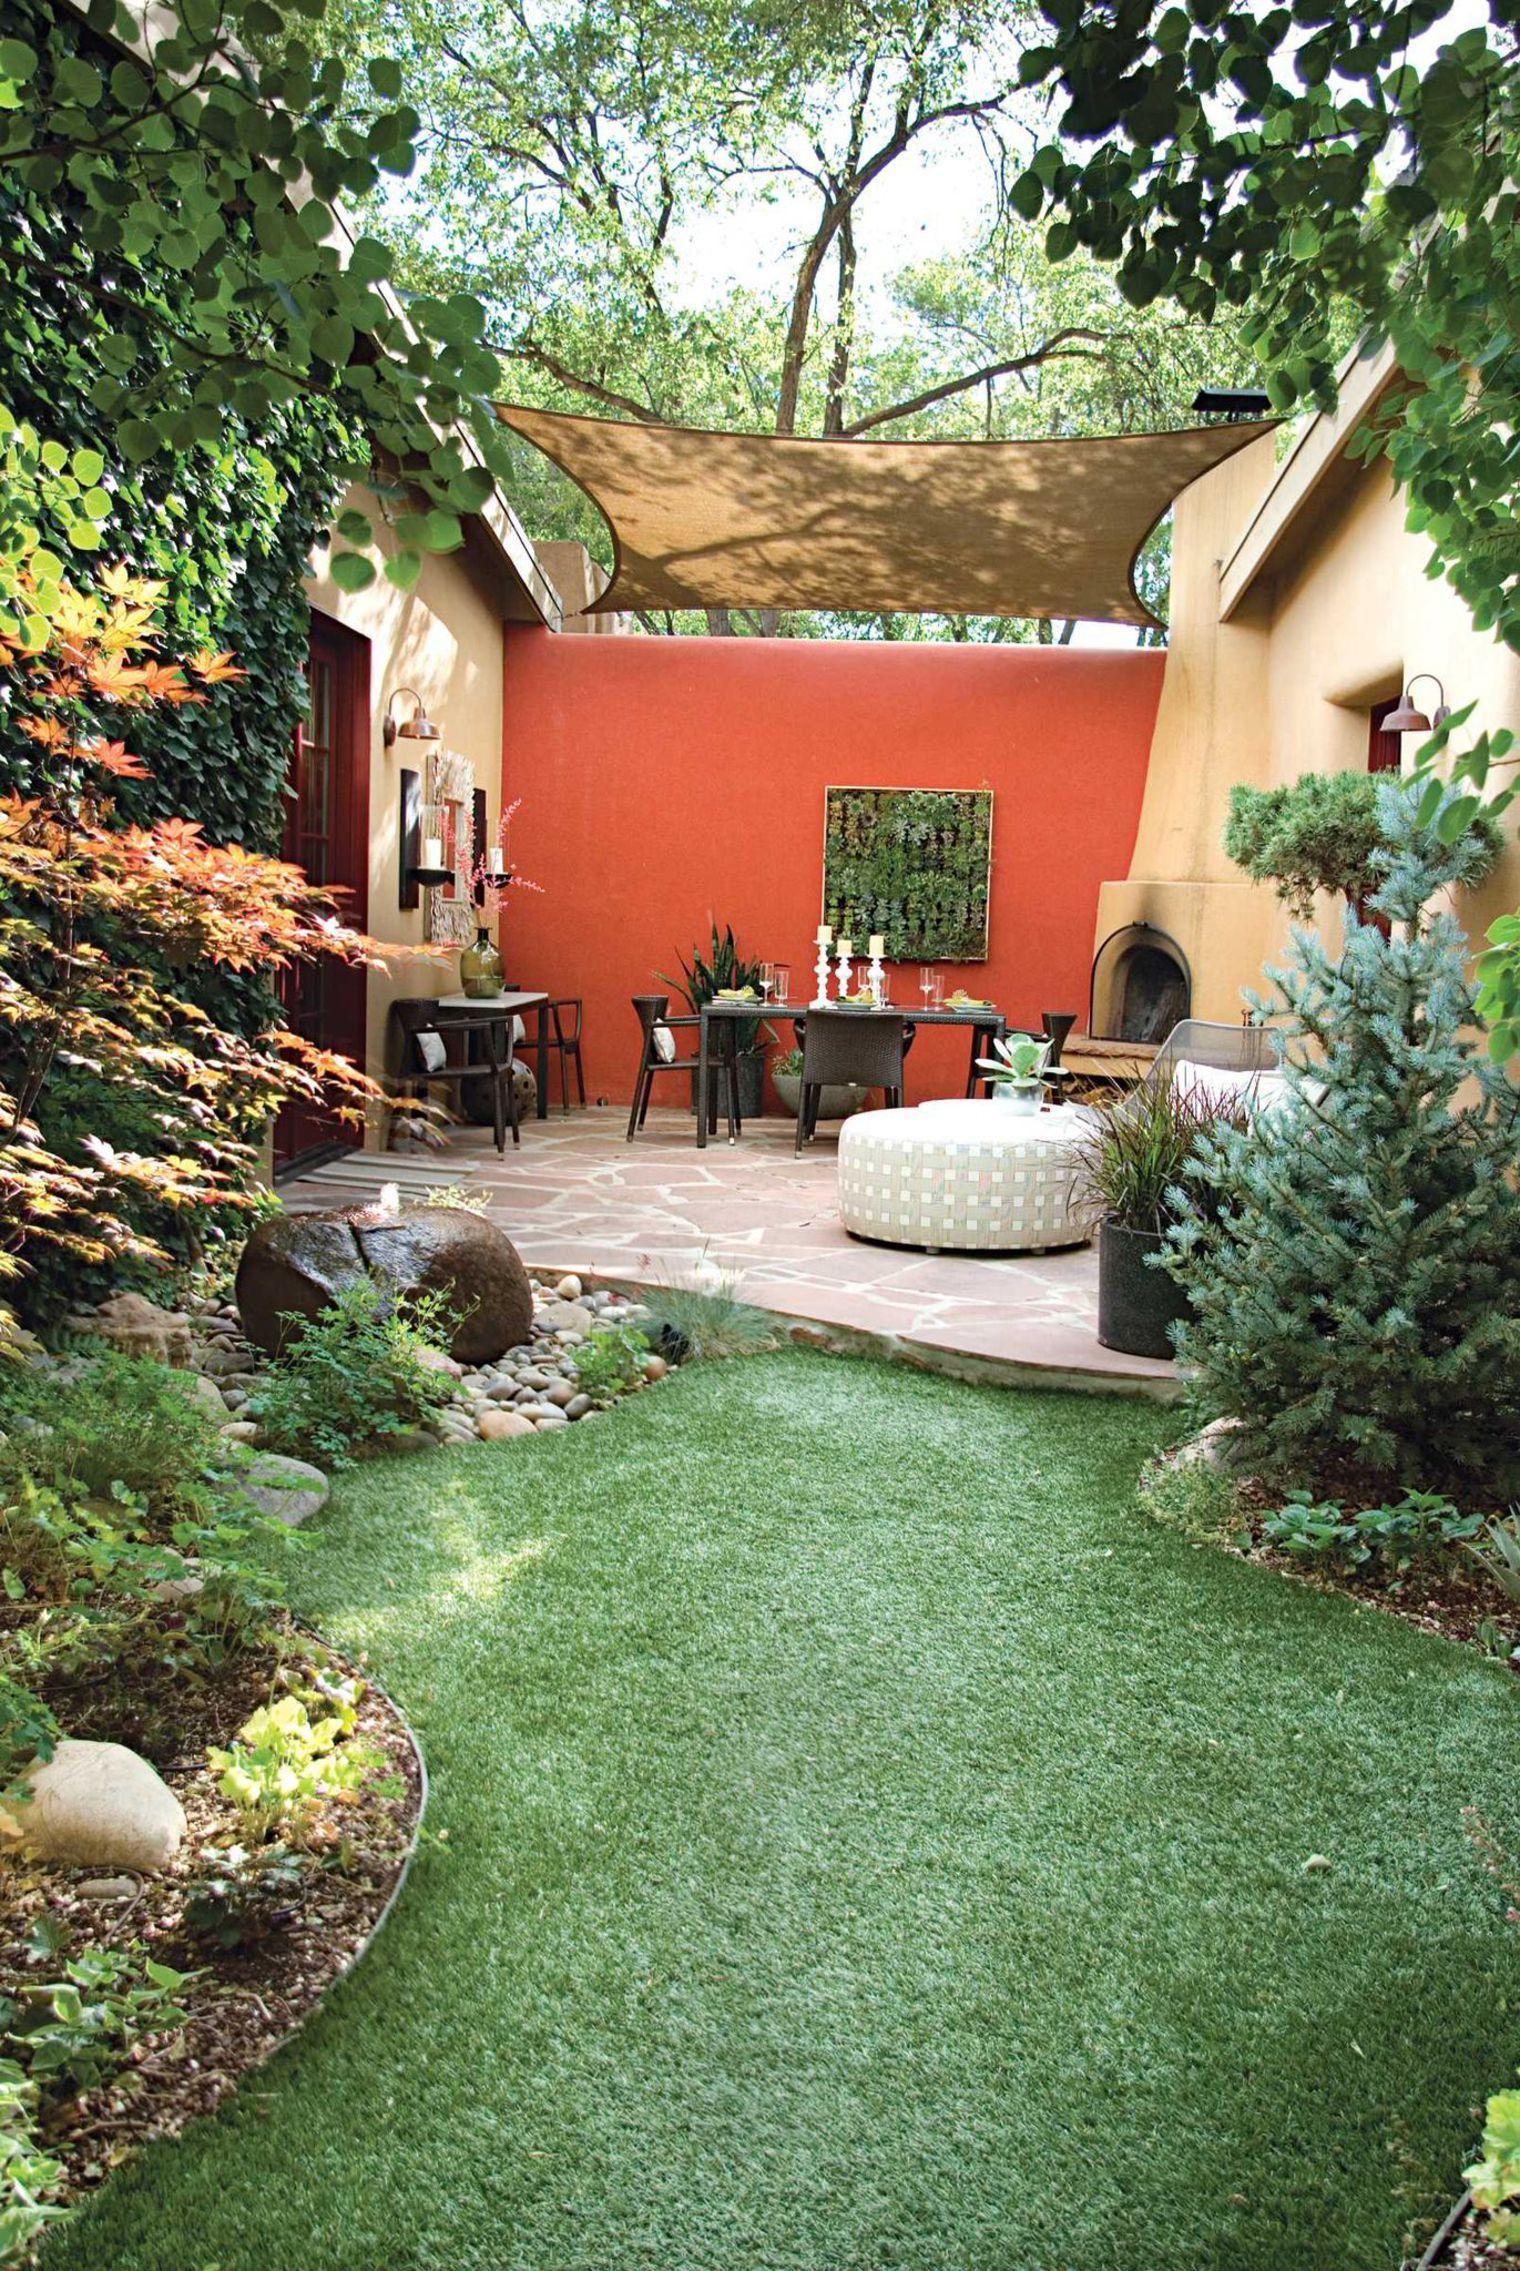 Petit Jardin : 8 Aménagements Repérés Sur Pinterest ... concernant Amanager Un Petit Jardin